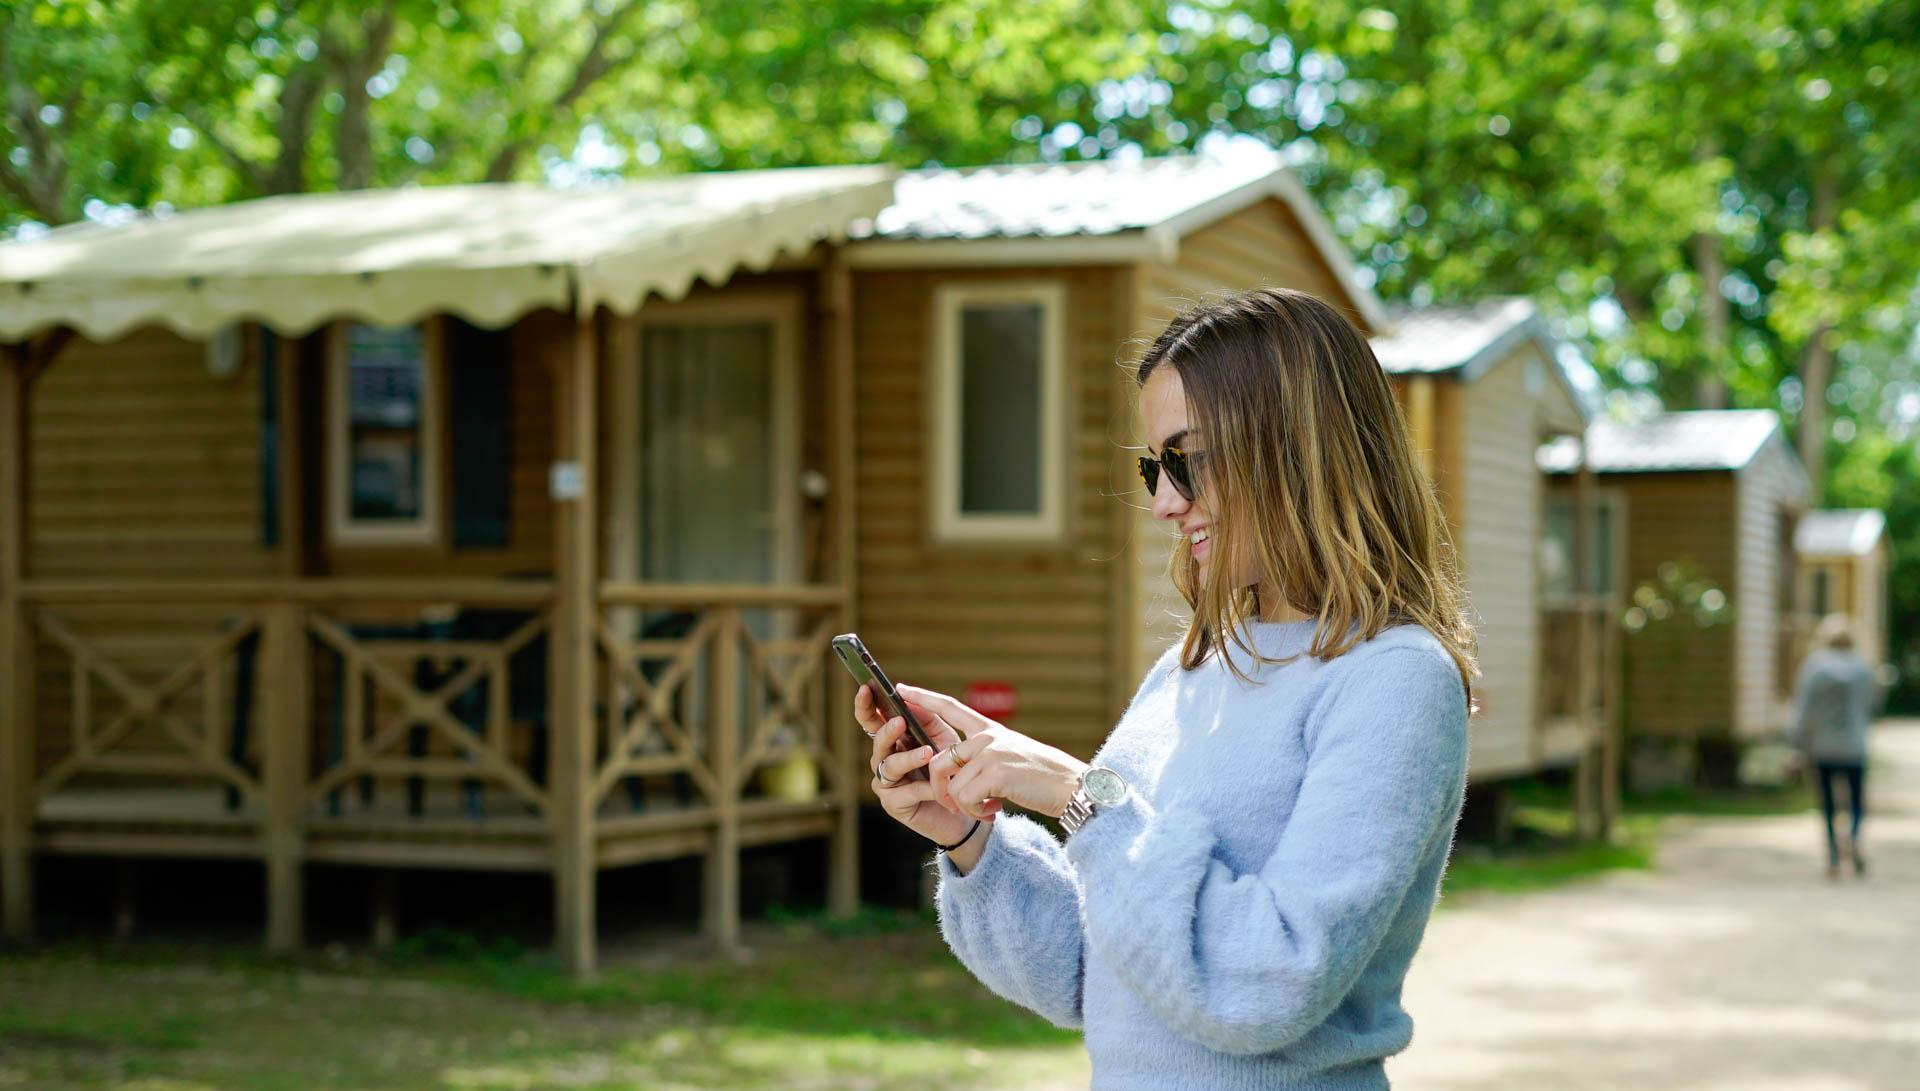 utilisatrice heureuse wiizone connectée smartphone